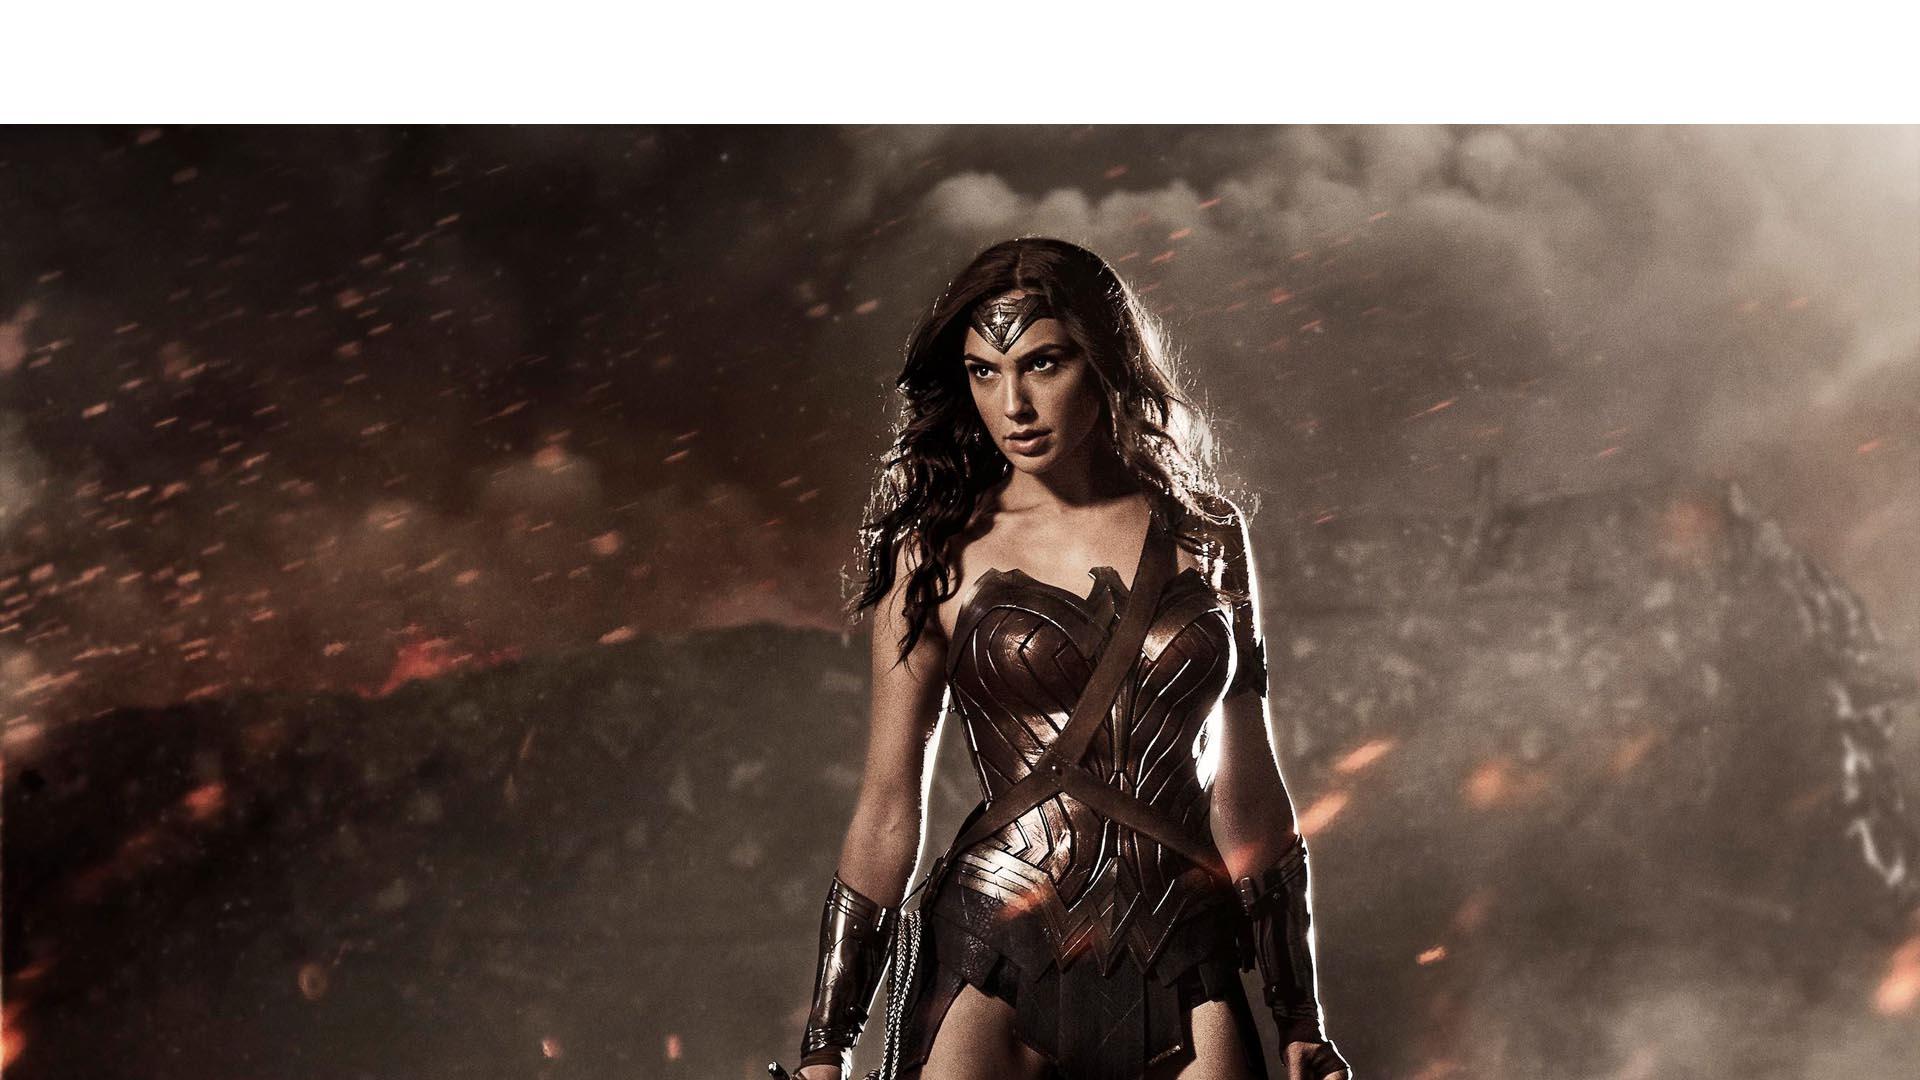 El adelanto de la cinta Mujer maravilla se disfruto durante el Comic Con de San, la cual se estrenará en junio de 2017